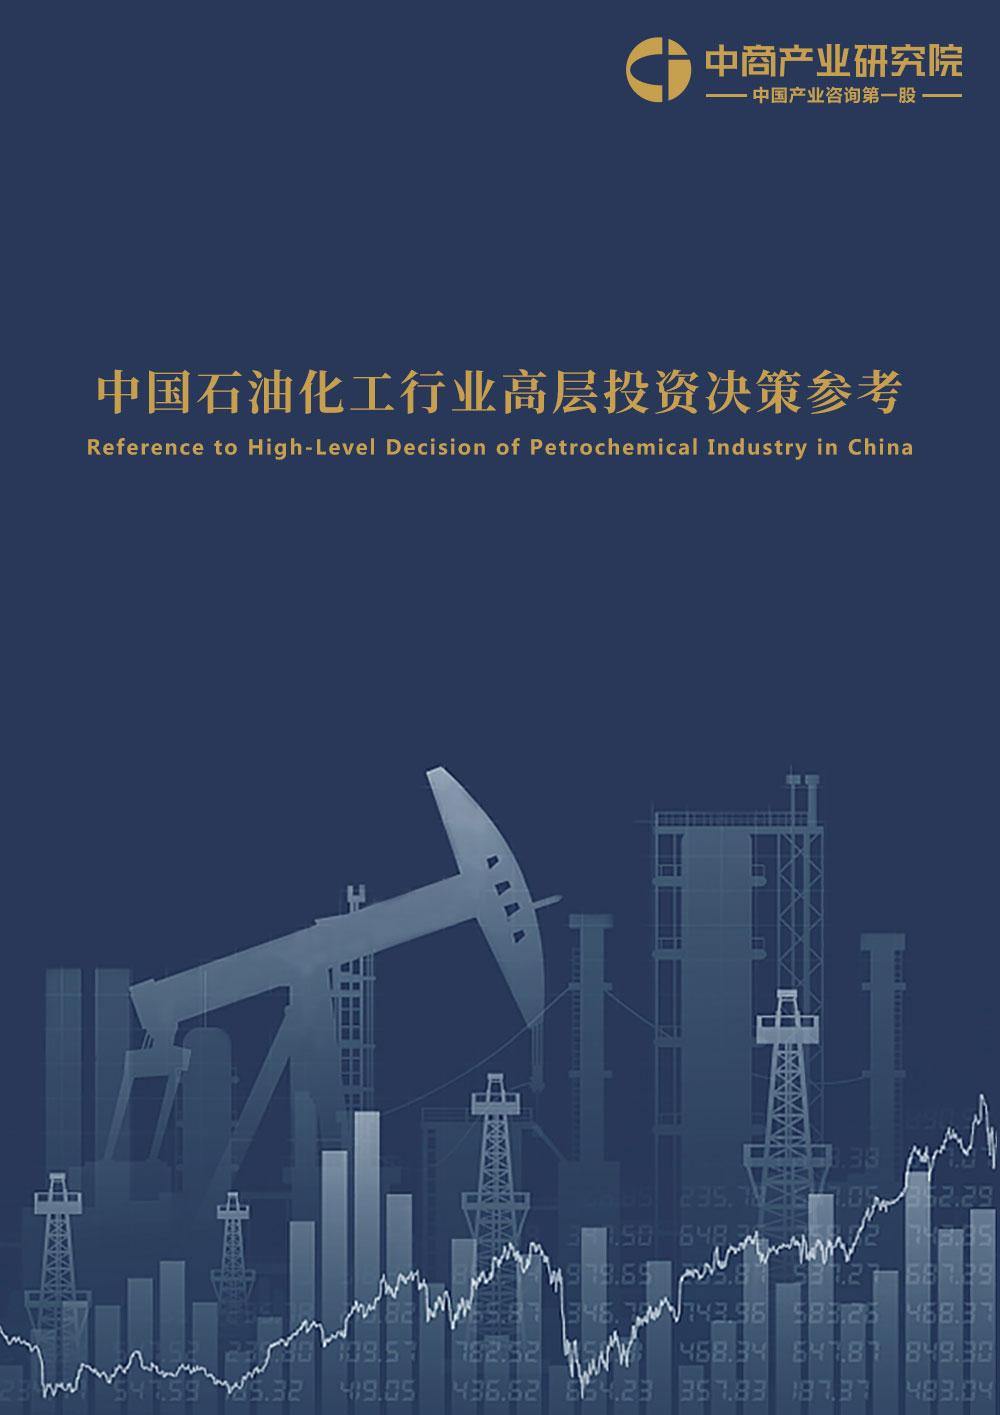 中国石油化工行业投资决策参考(2019年11月)